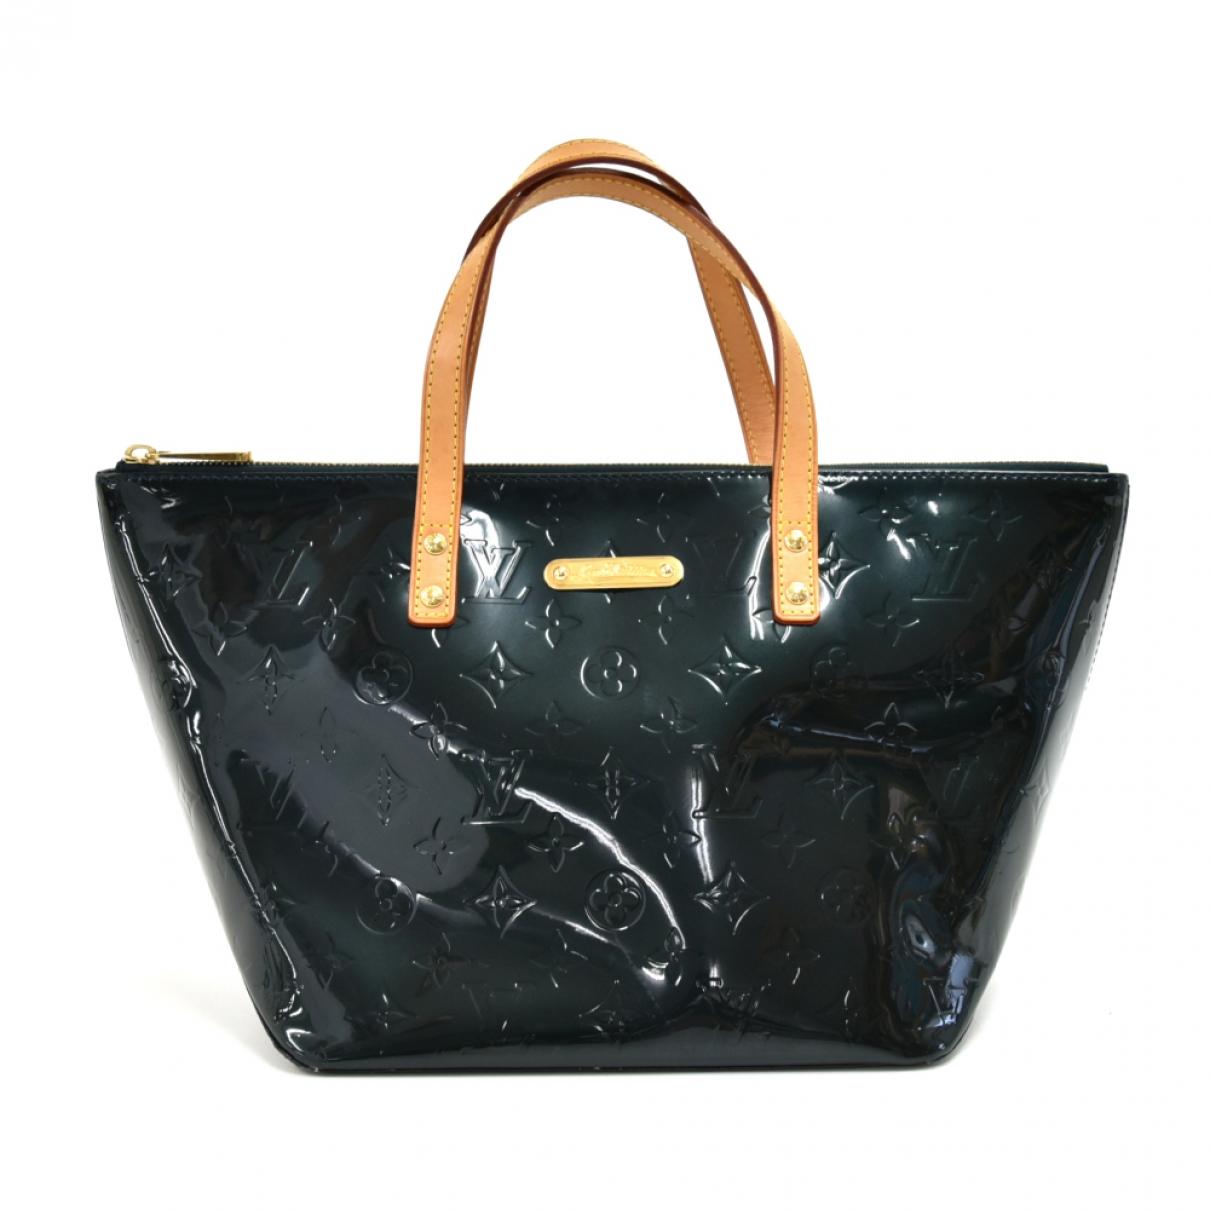 Louis Vuitton - Sac a main Bellevue pour femme en cuir verni - vert